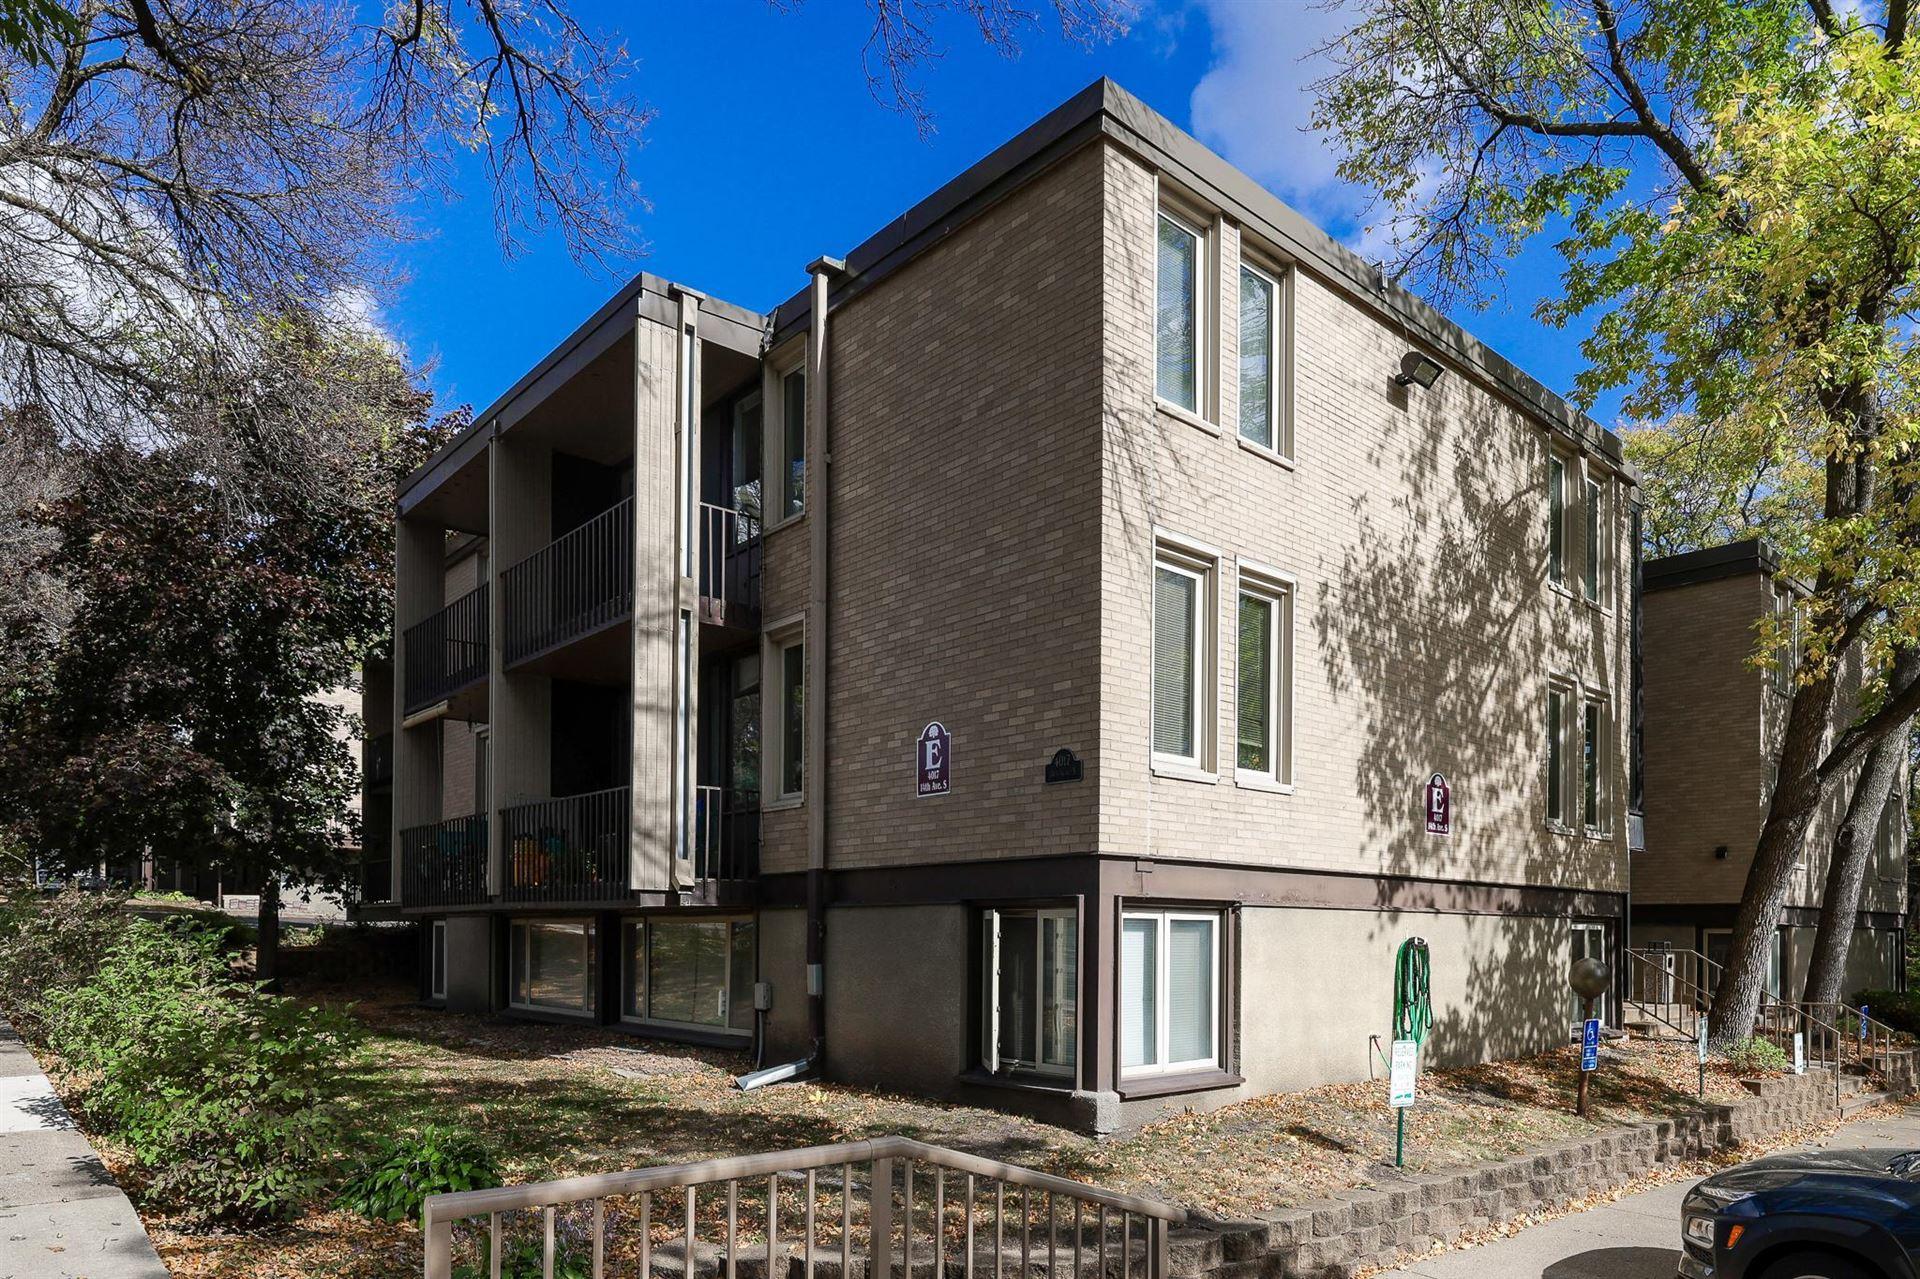 4017 14th Avenue S #13E, Minneapolis, MN 55407 - #: 6115649